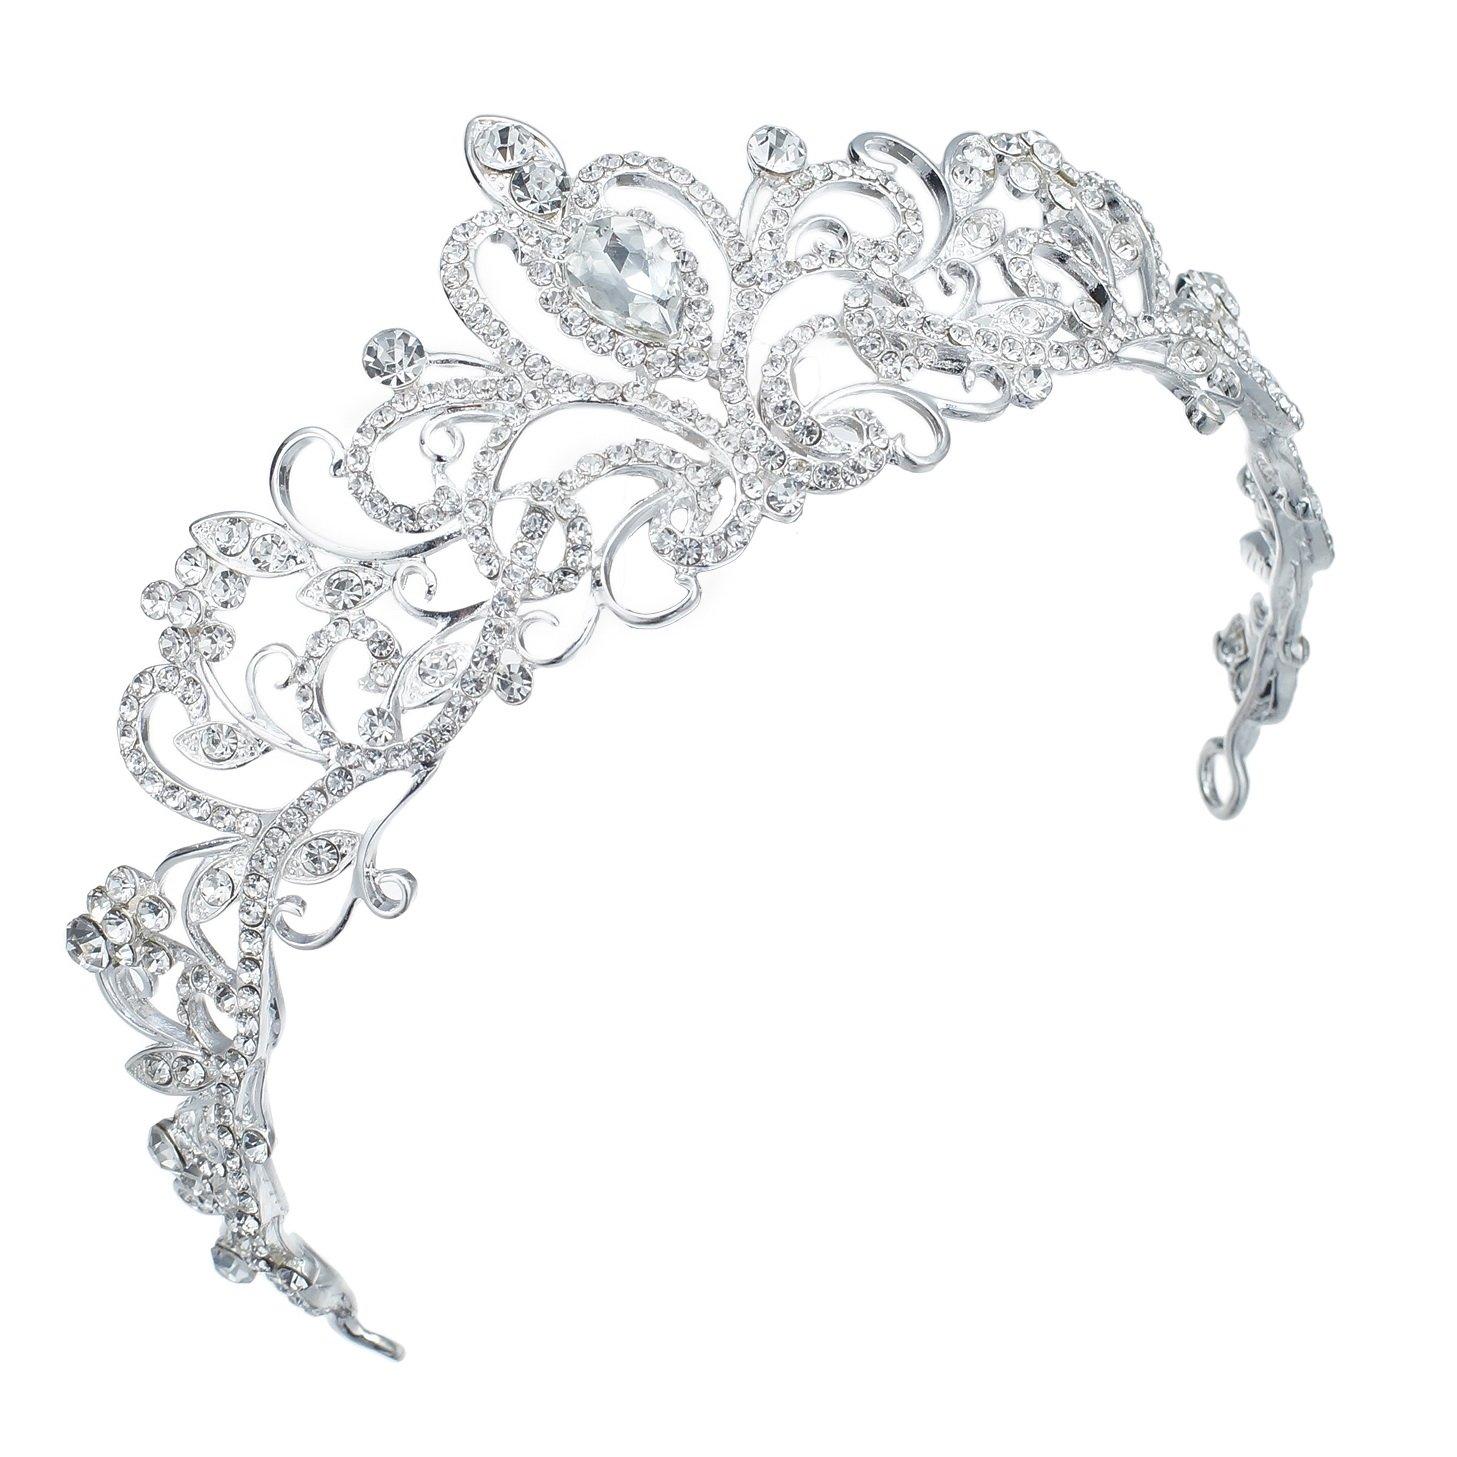 TQ-01 Holy White Clear Rhinestone Crystal Alloy Bridal Wedding Tiara Crown TQ-01_C